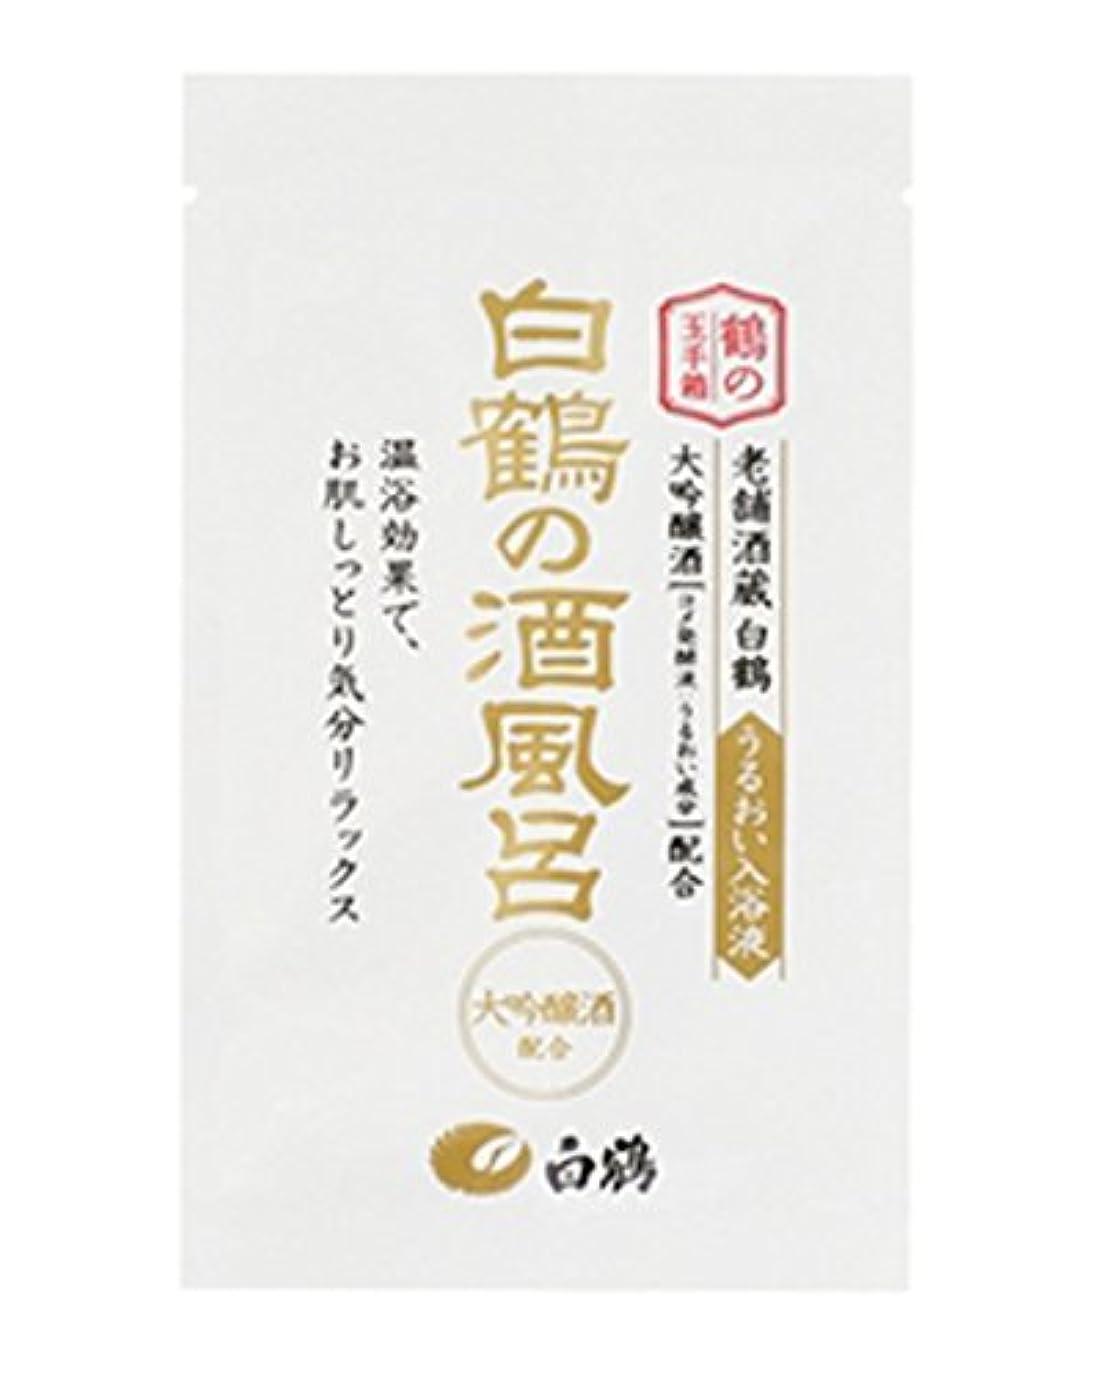 違う発音解放する白鶴の酒風呂 大吟醸酒配合 25ml(入浴剤)